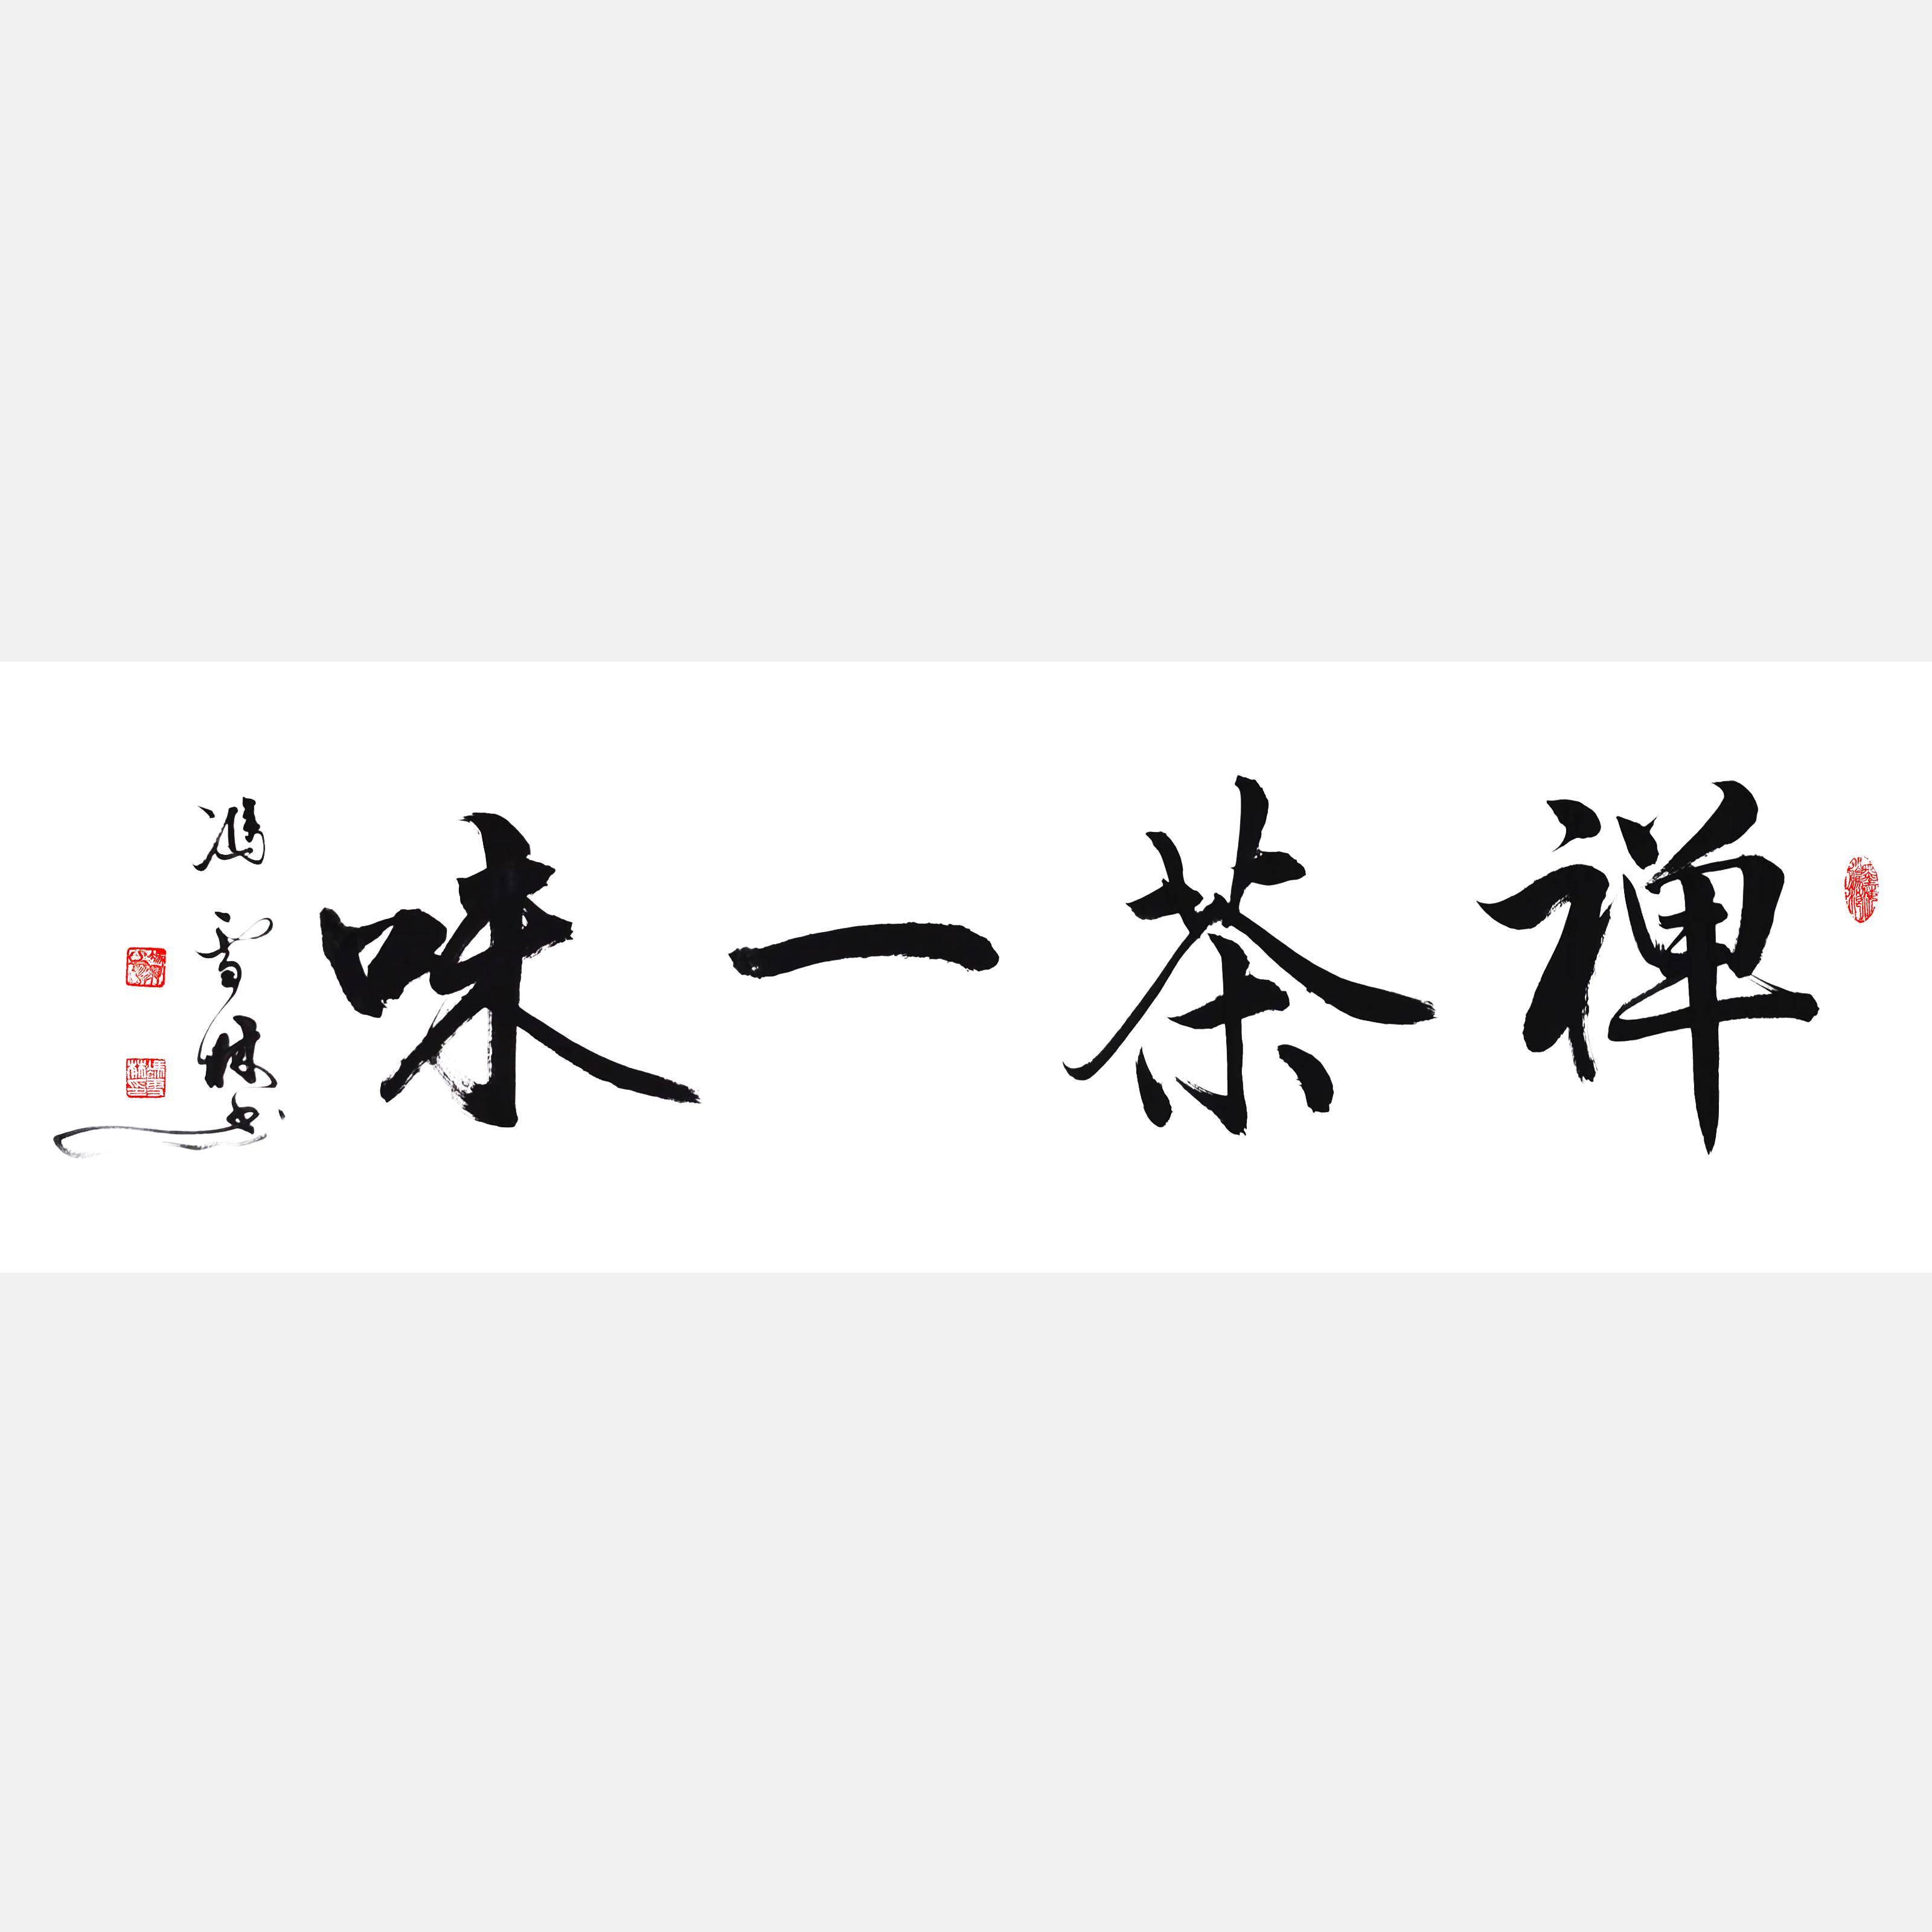 茶禅一味书法图片 禅茶一味书法作品欣赏 出自宋圆悟克勤禅师